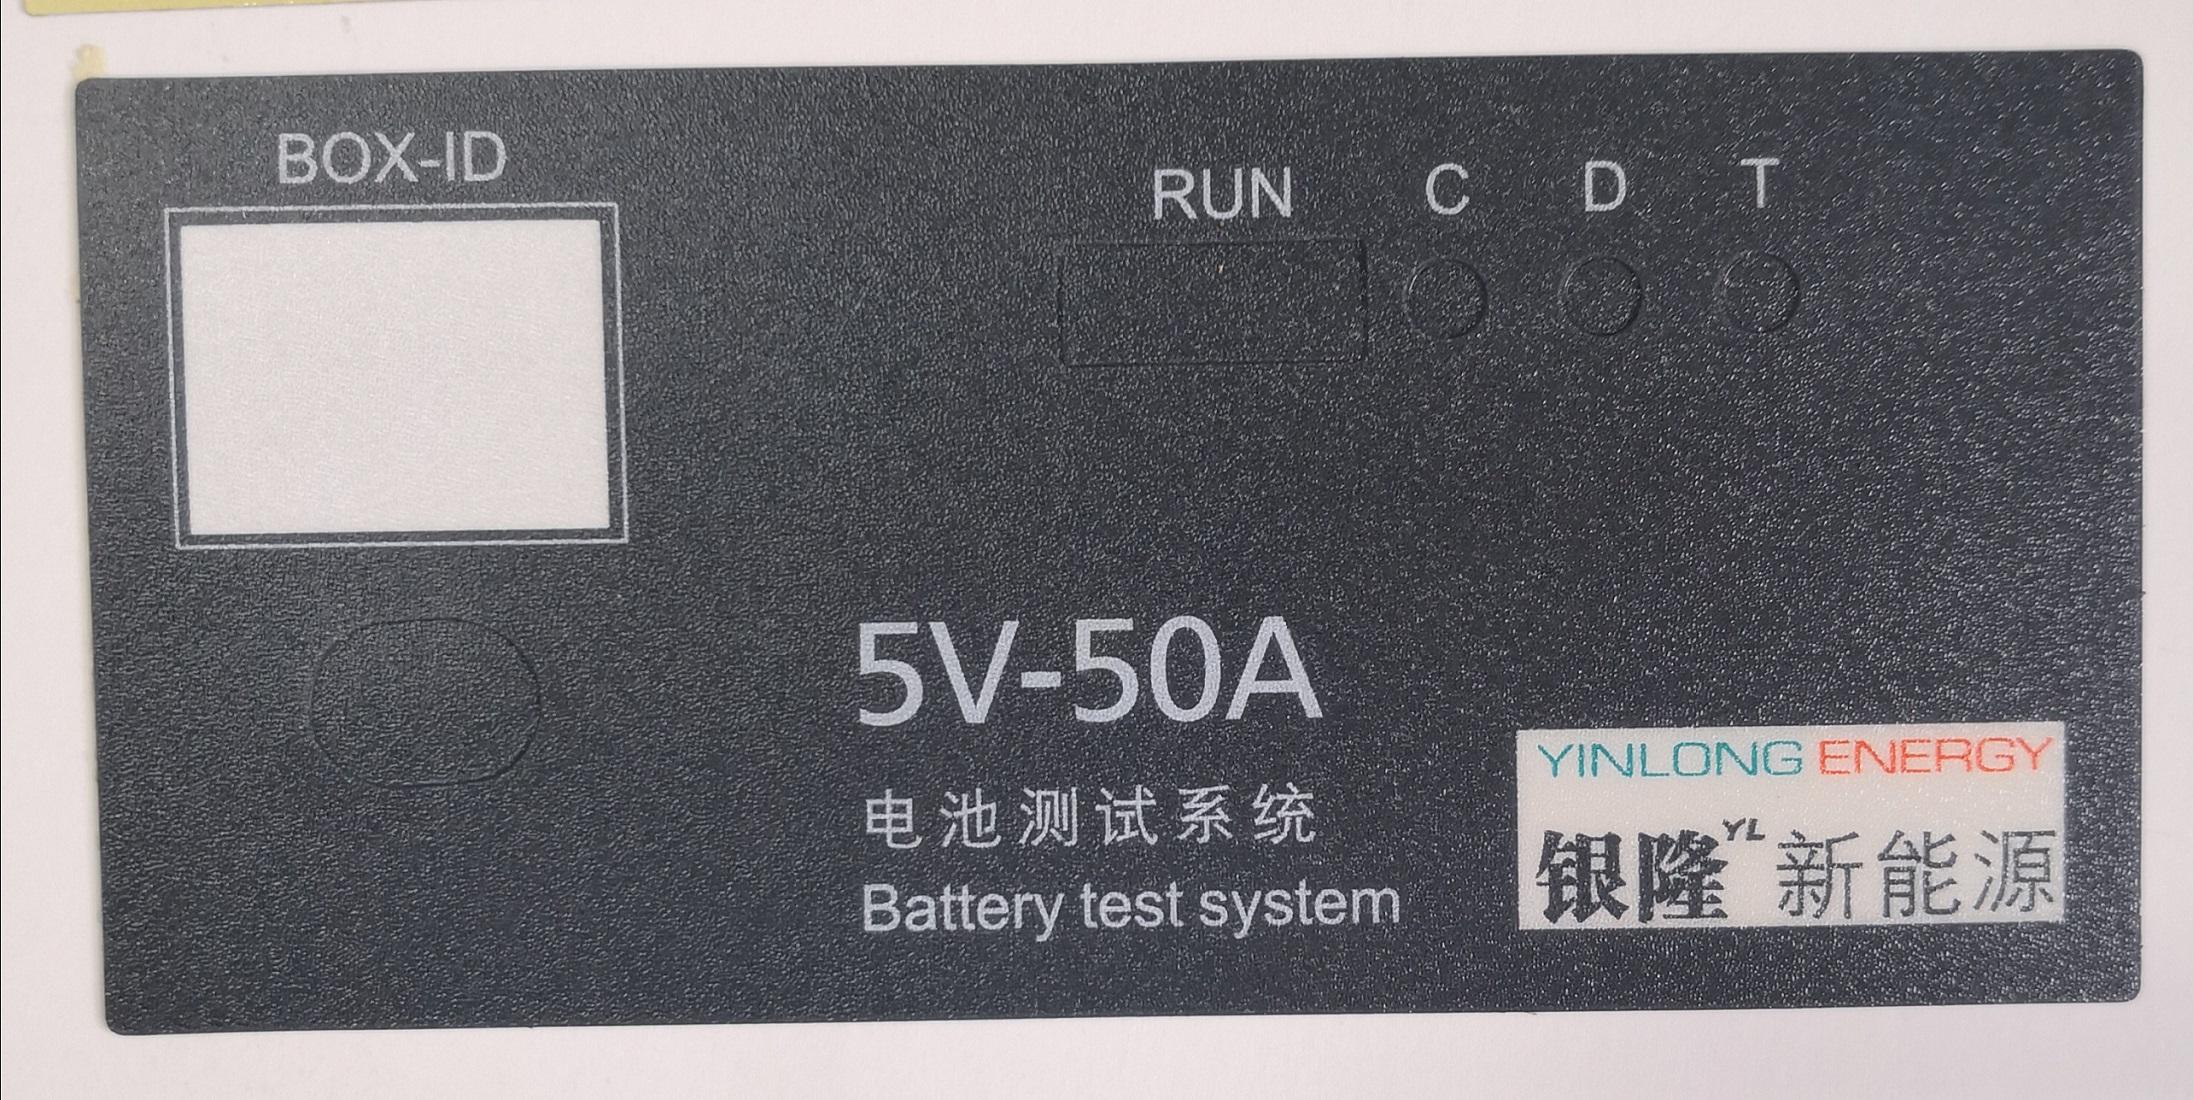 汽车诊断仪标贴印刷丝印标签不变色鹤壁